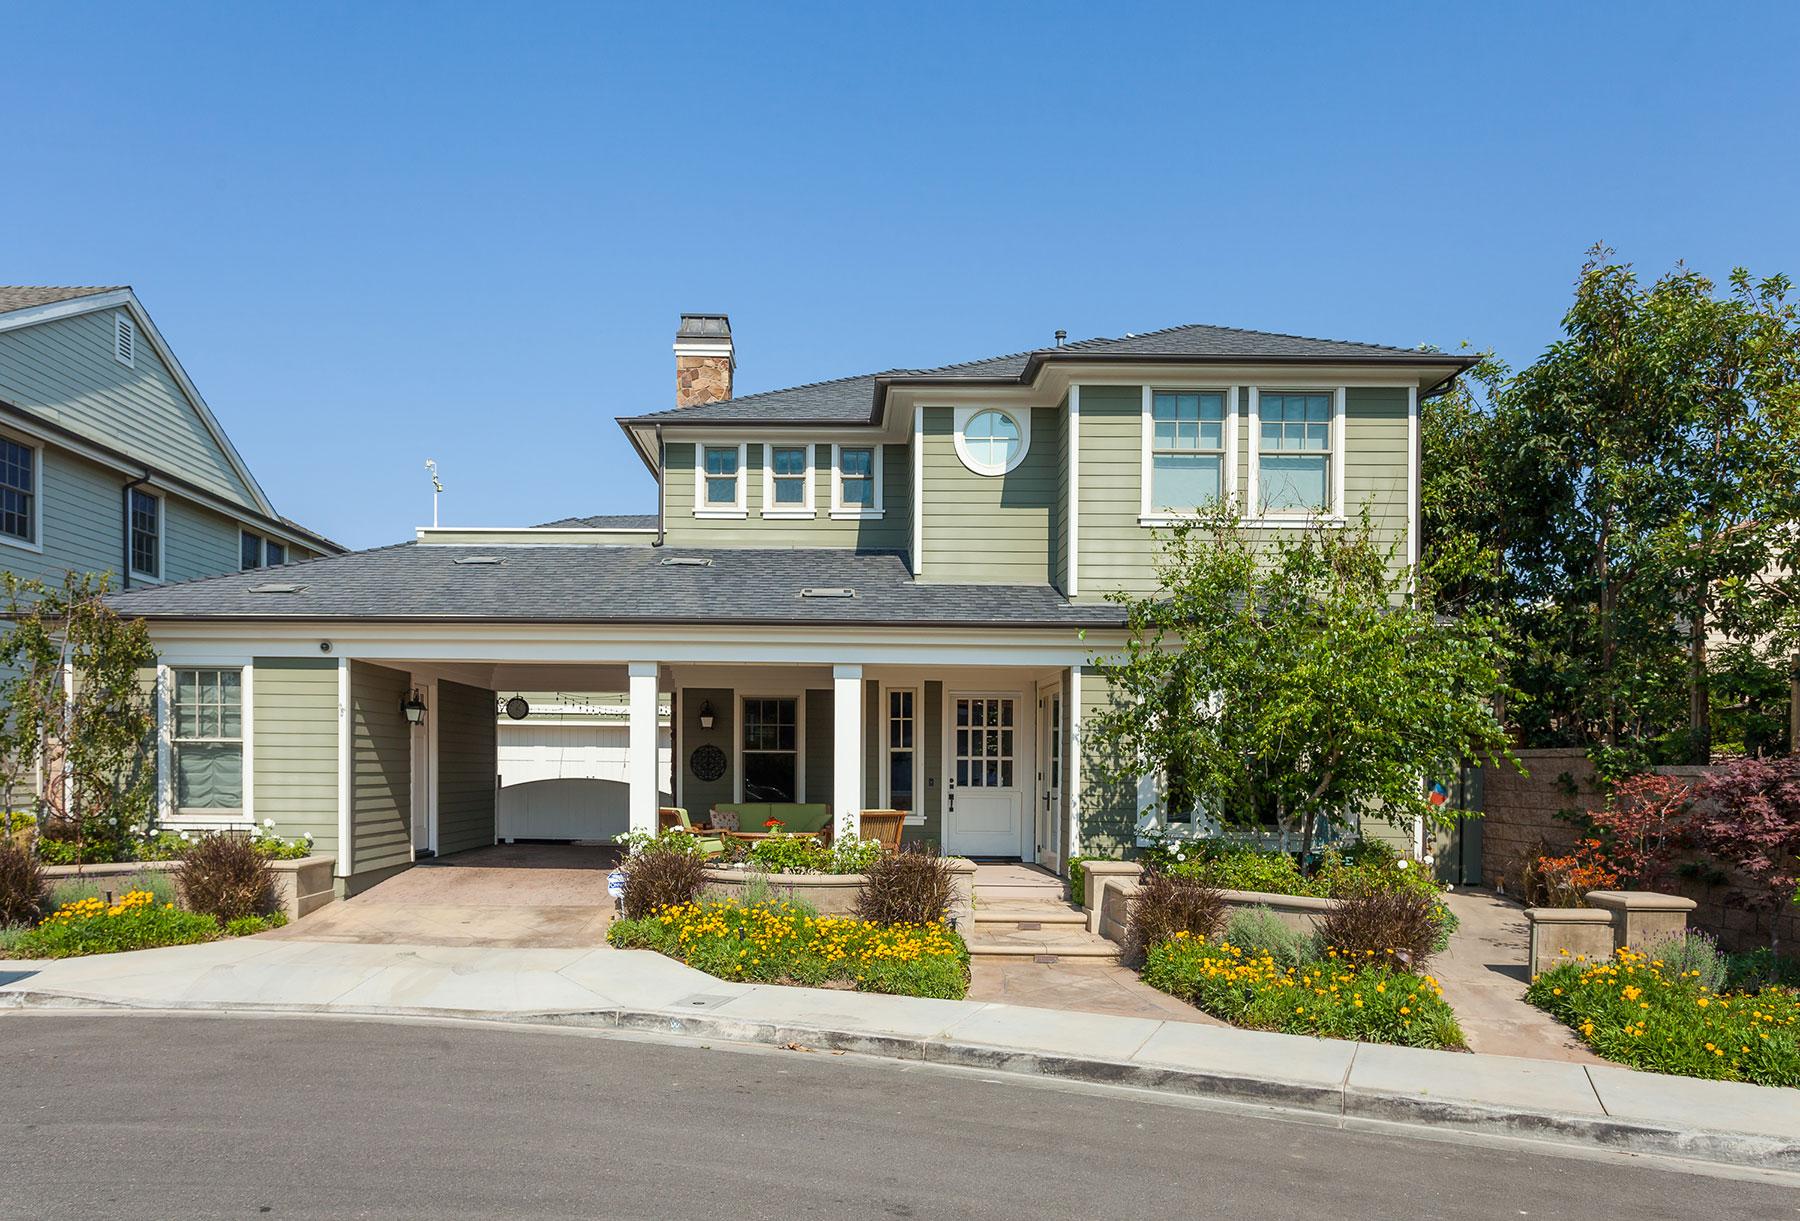 Villa per Vendita alle ore 17352 Greatpoint Cr 17352 Greatpointe Cr Huntington Beach, California, 92649 Stati Uniti